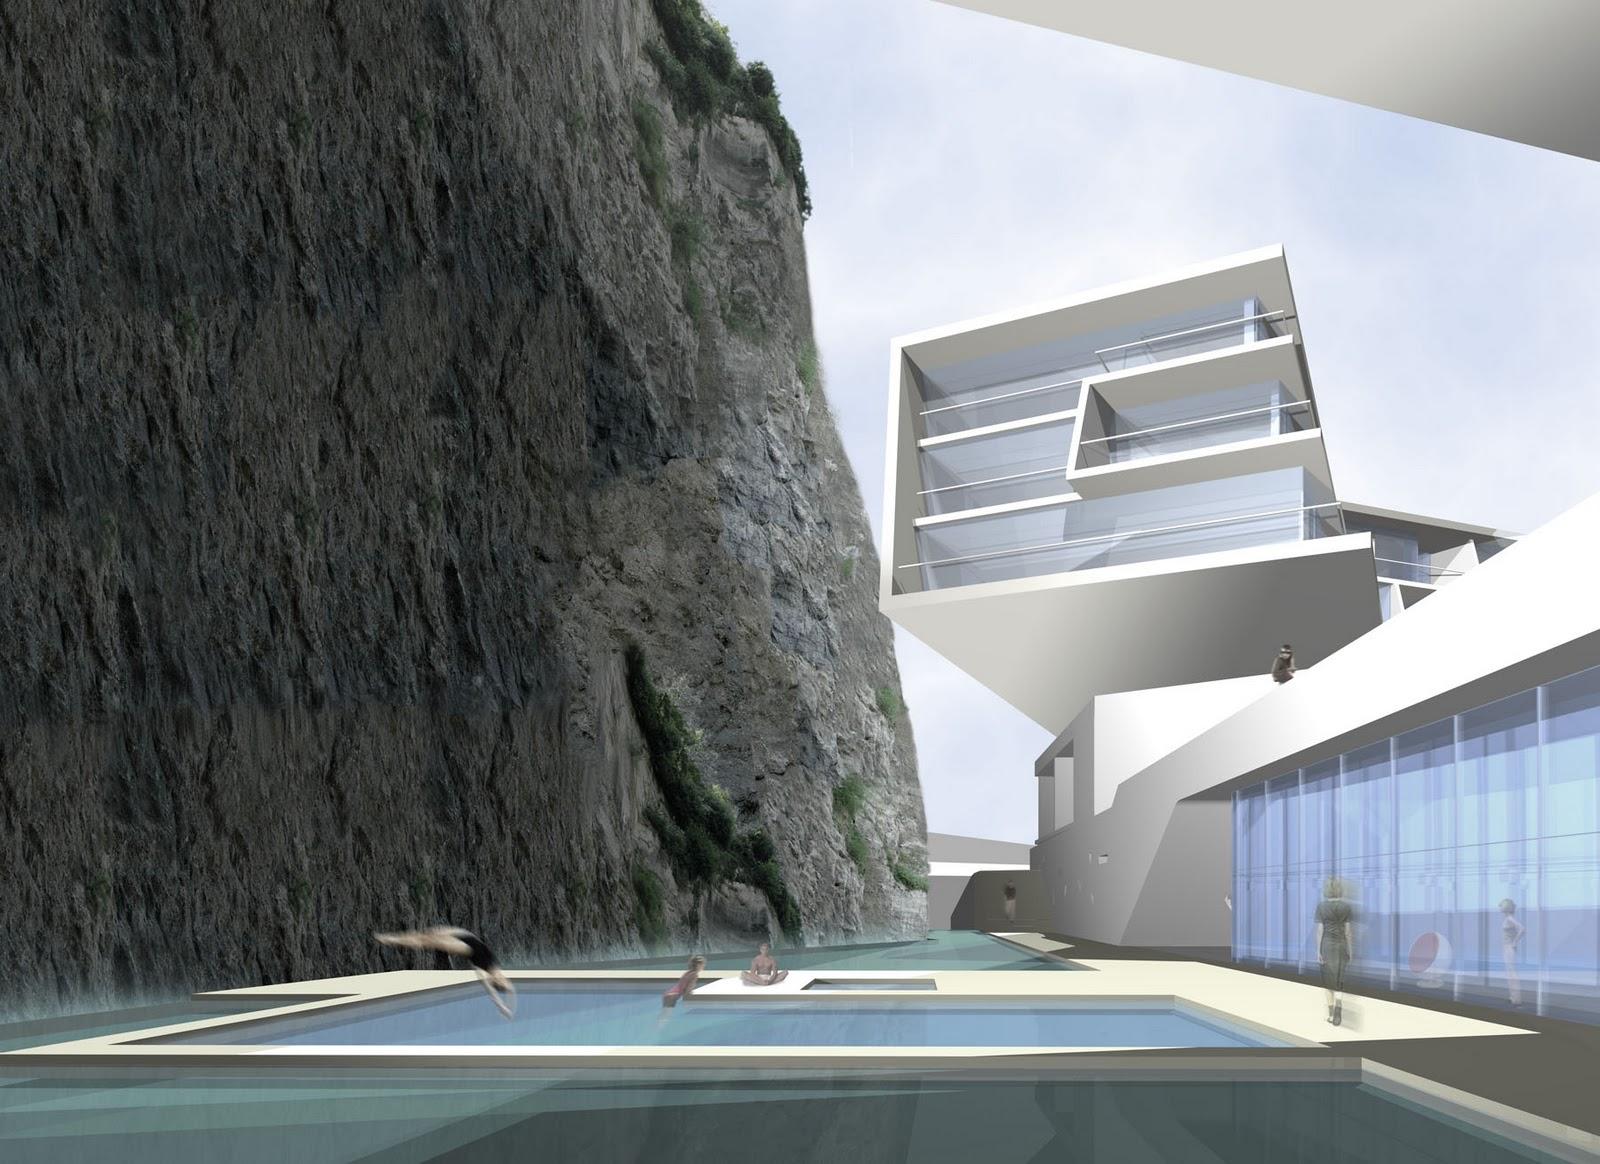 design hariri and hariri architects